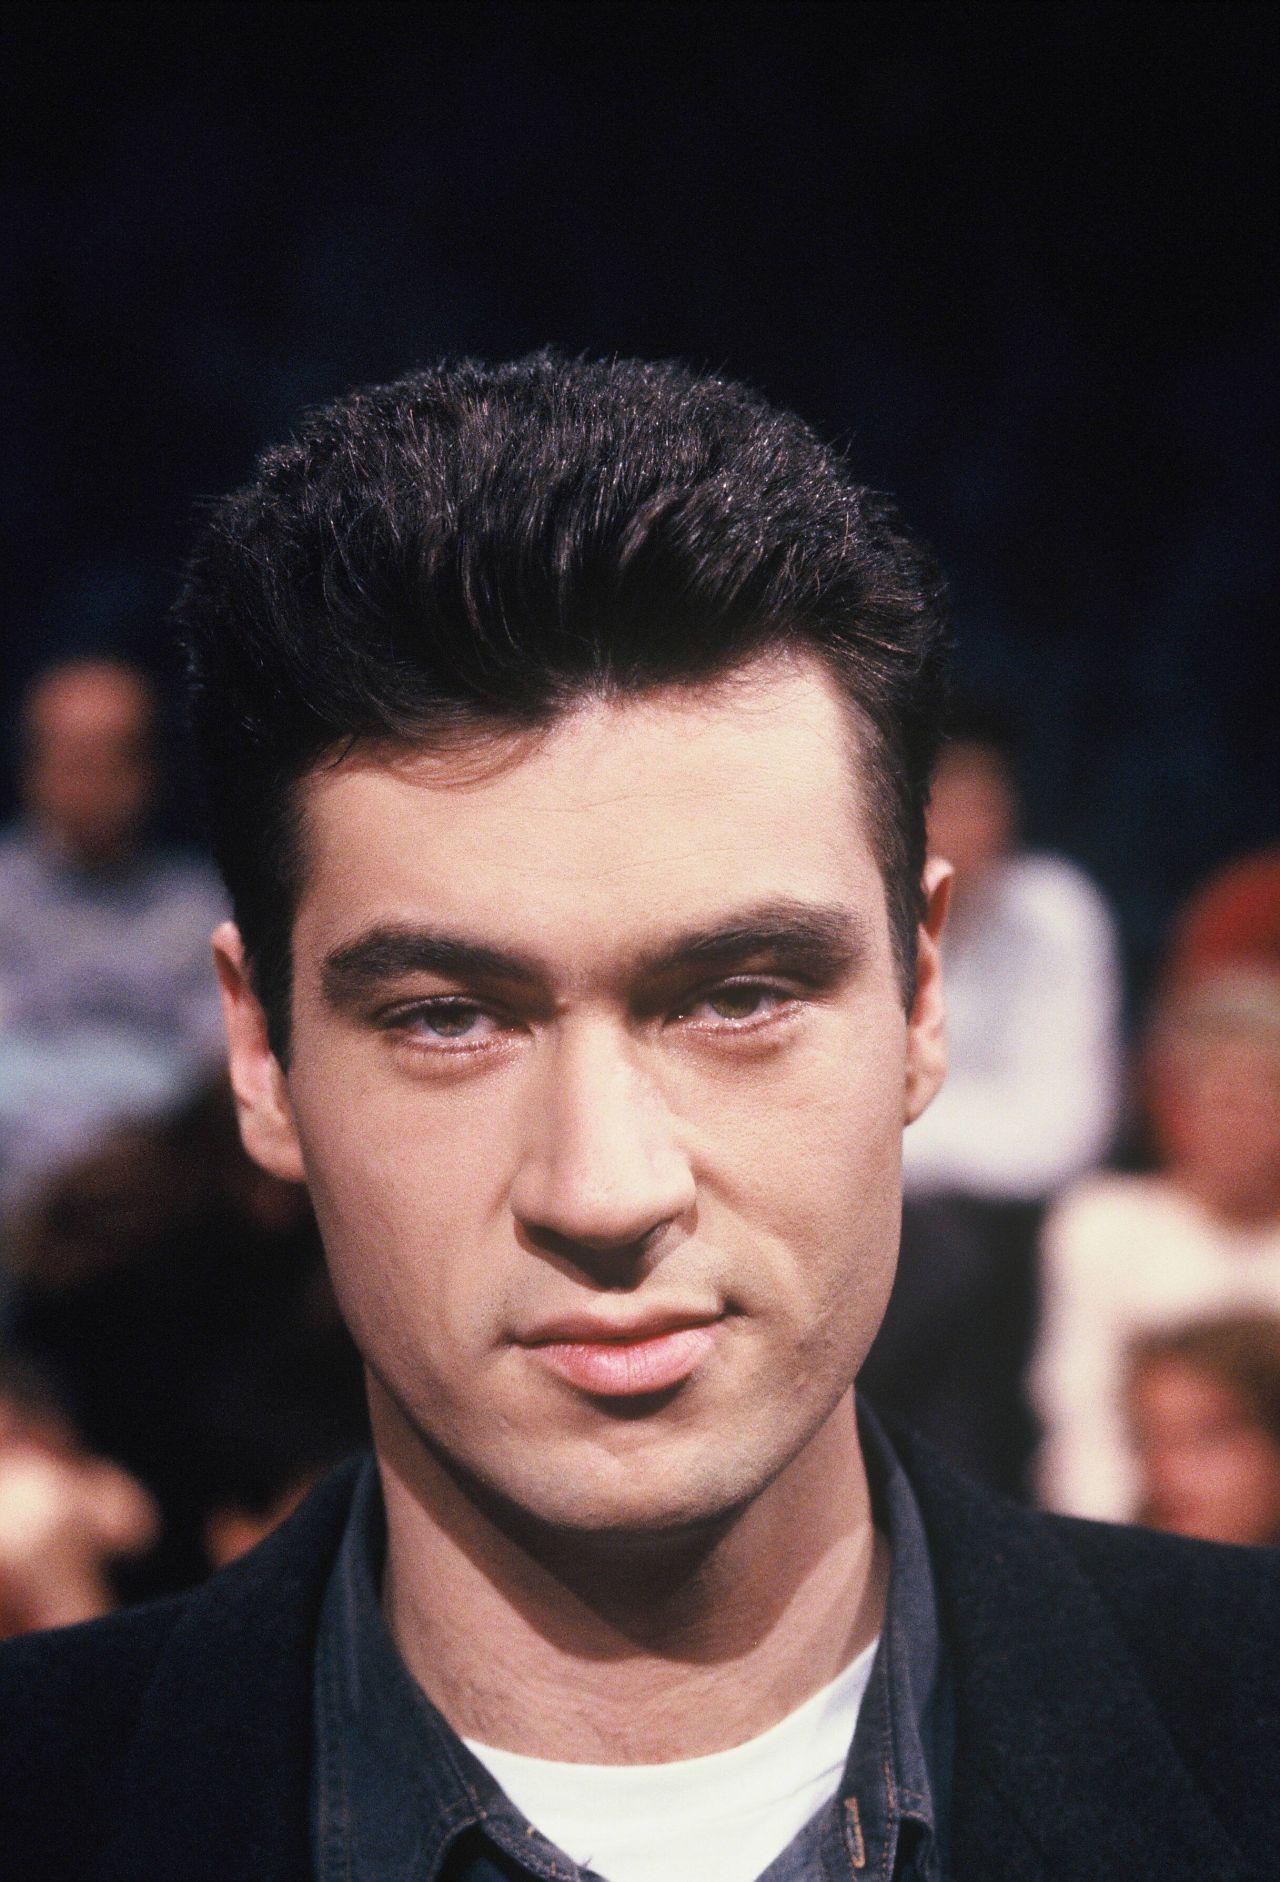 Markus Söder 1992 bei einer TV-Talkshow